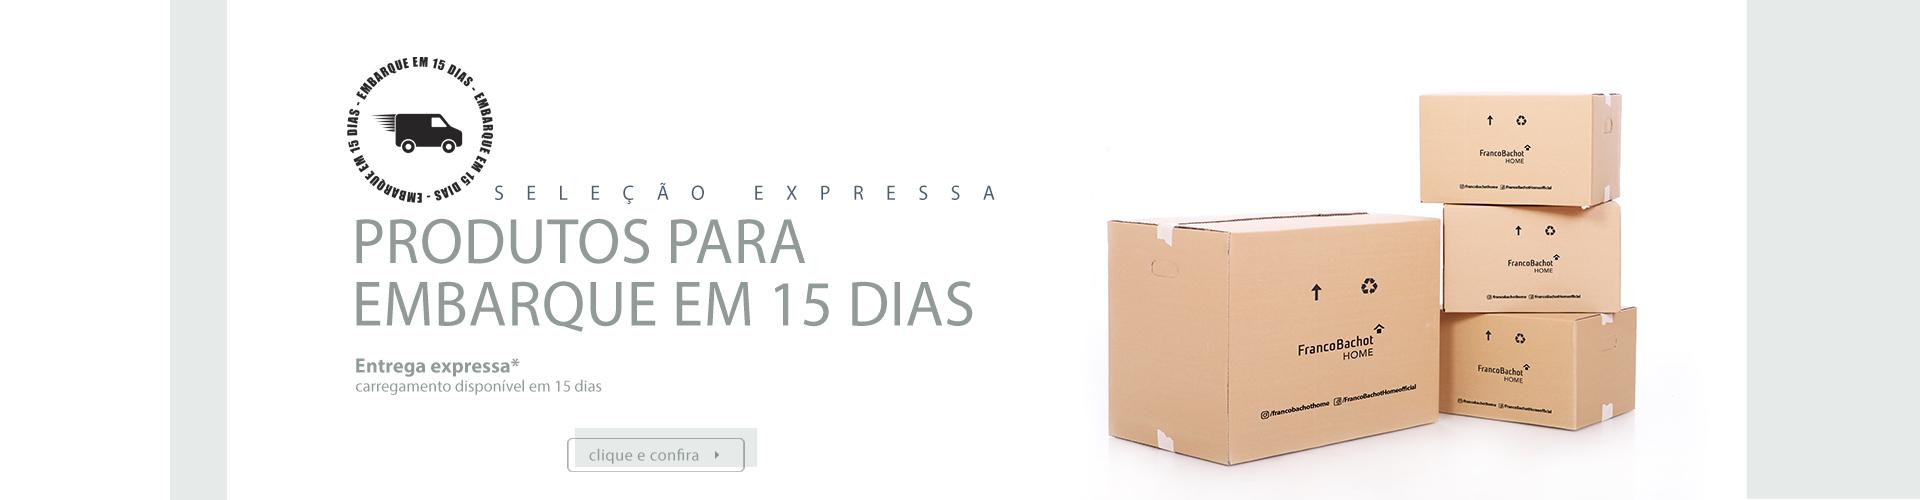 LINHA EXPRESSA